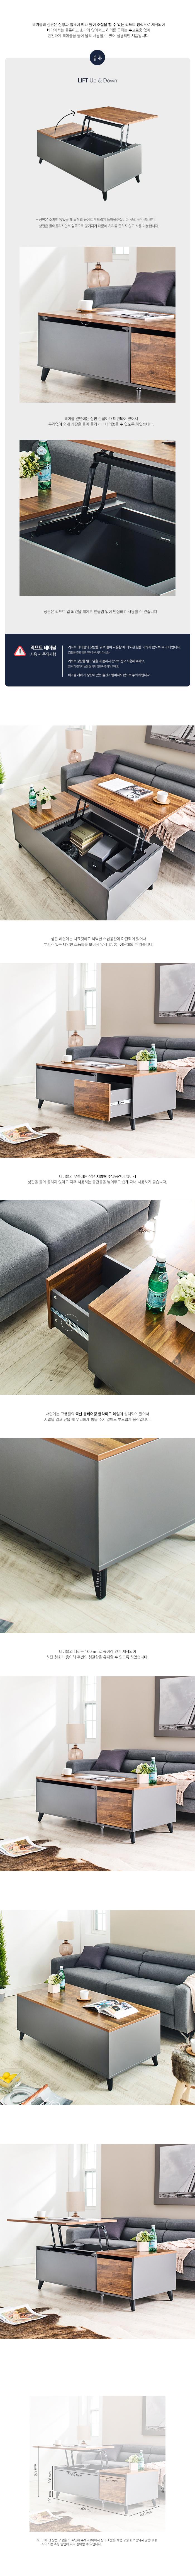 Tea-Acacia-DG-Lift-Tea-Table_181113-3.jp